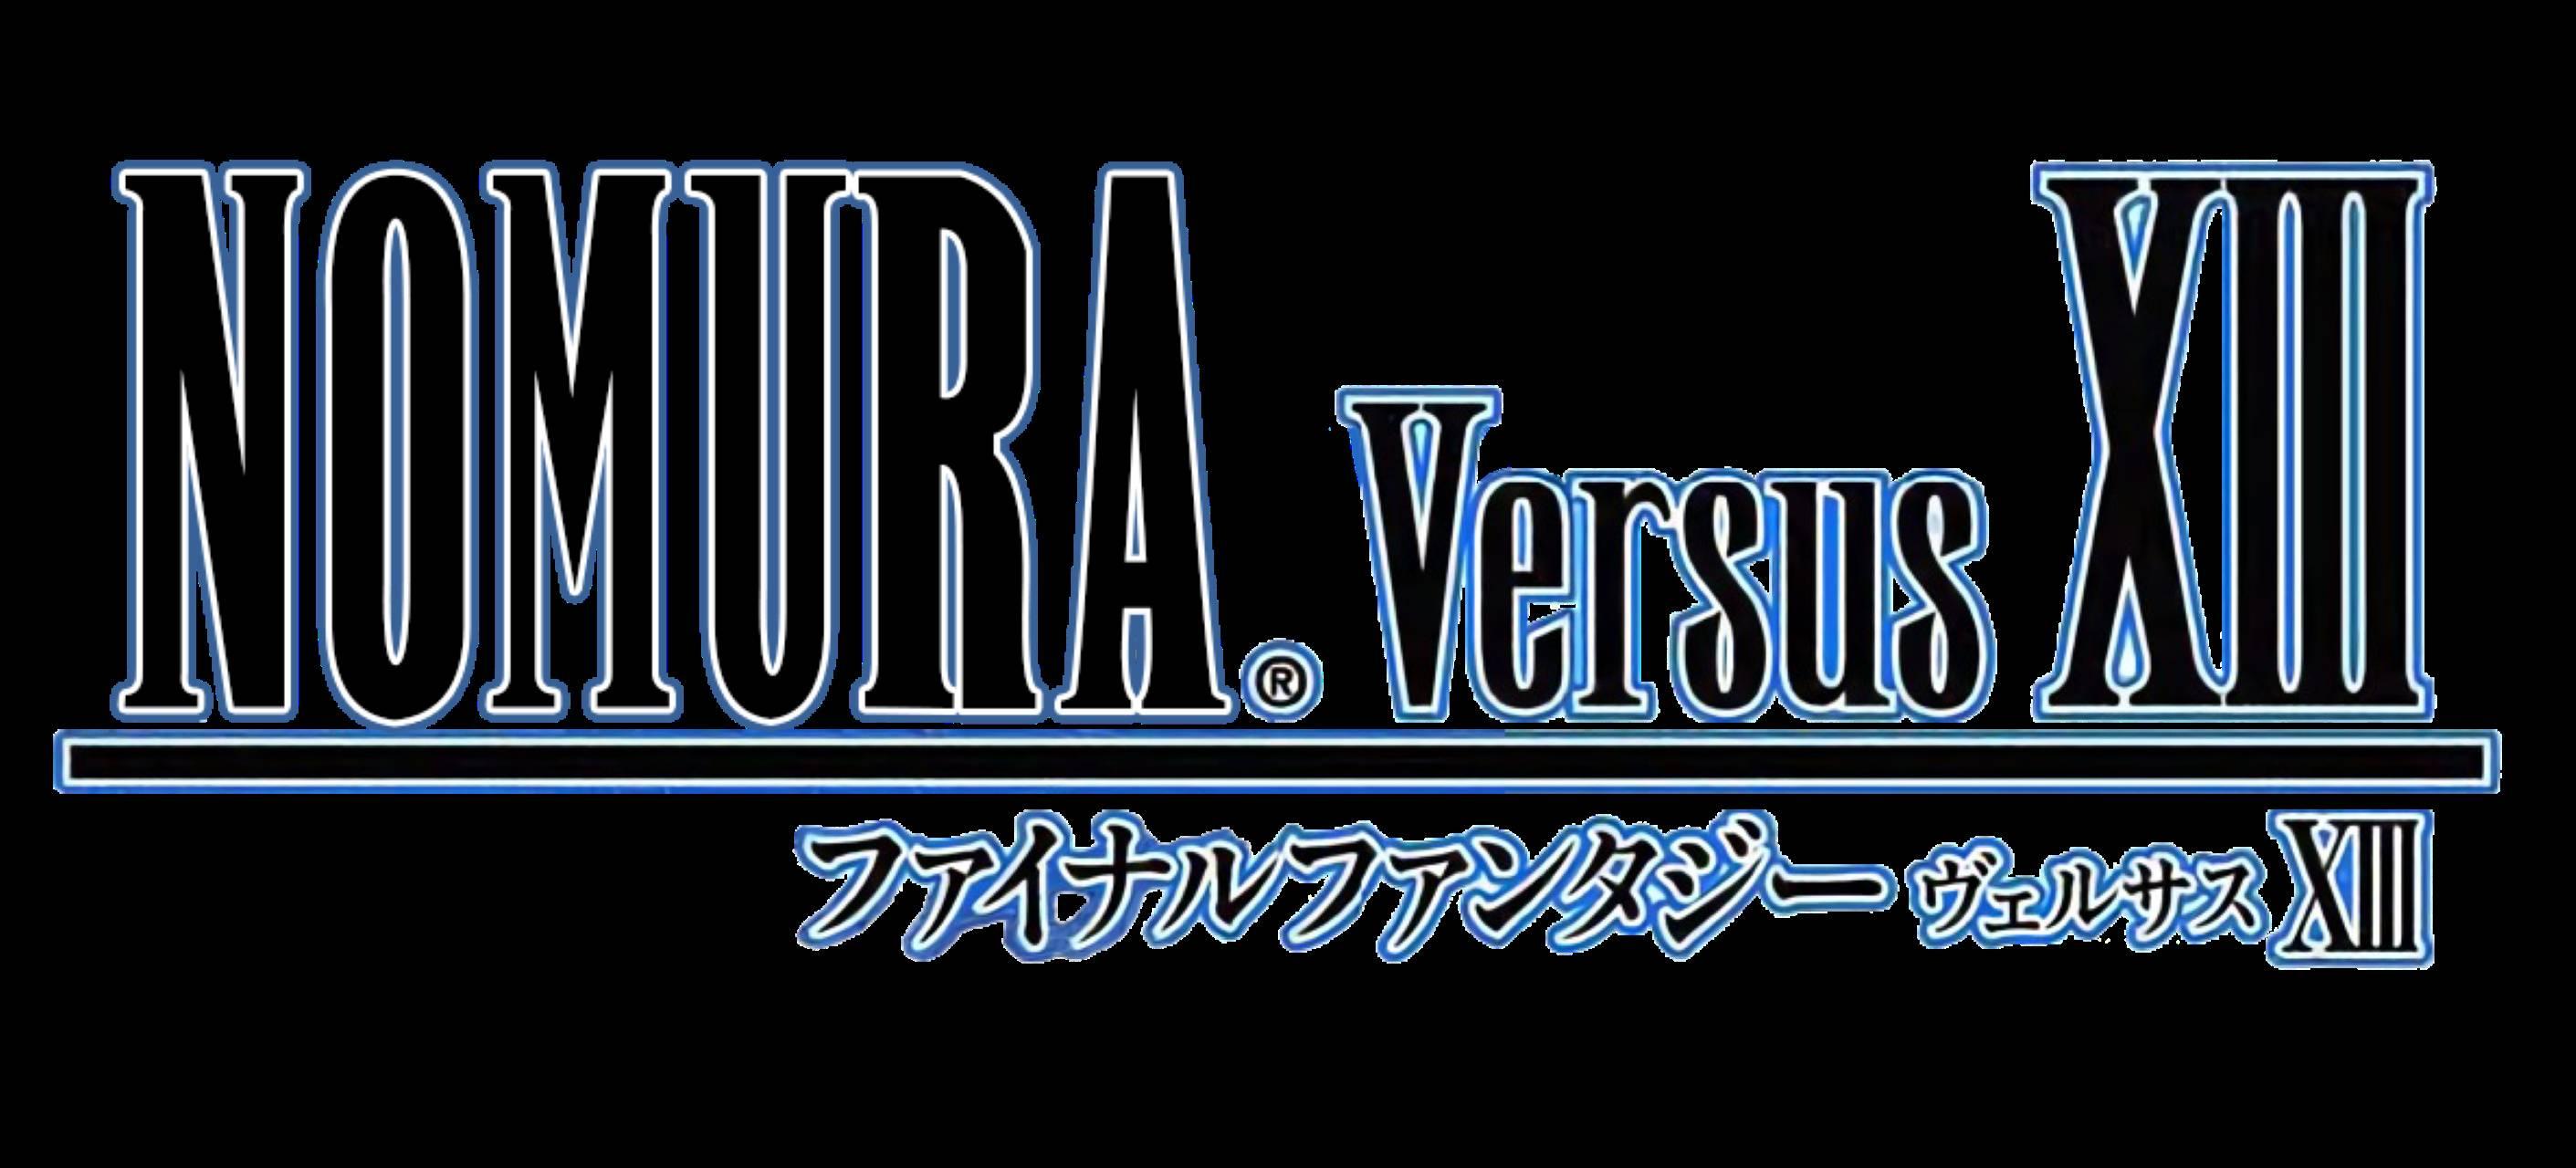 Nomura versus XIII